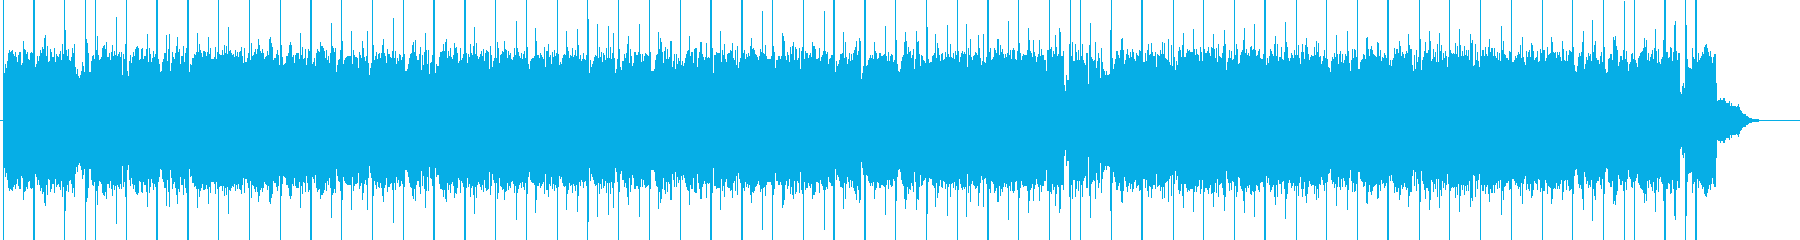 3拍子 メルヘン調でファンタジーなBGMの再生済みの波形